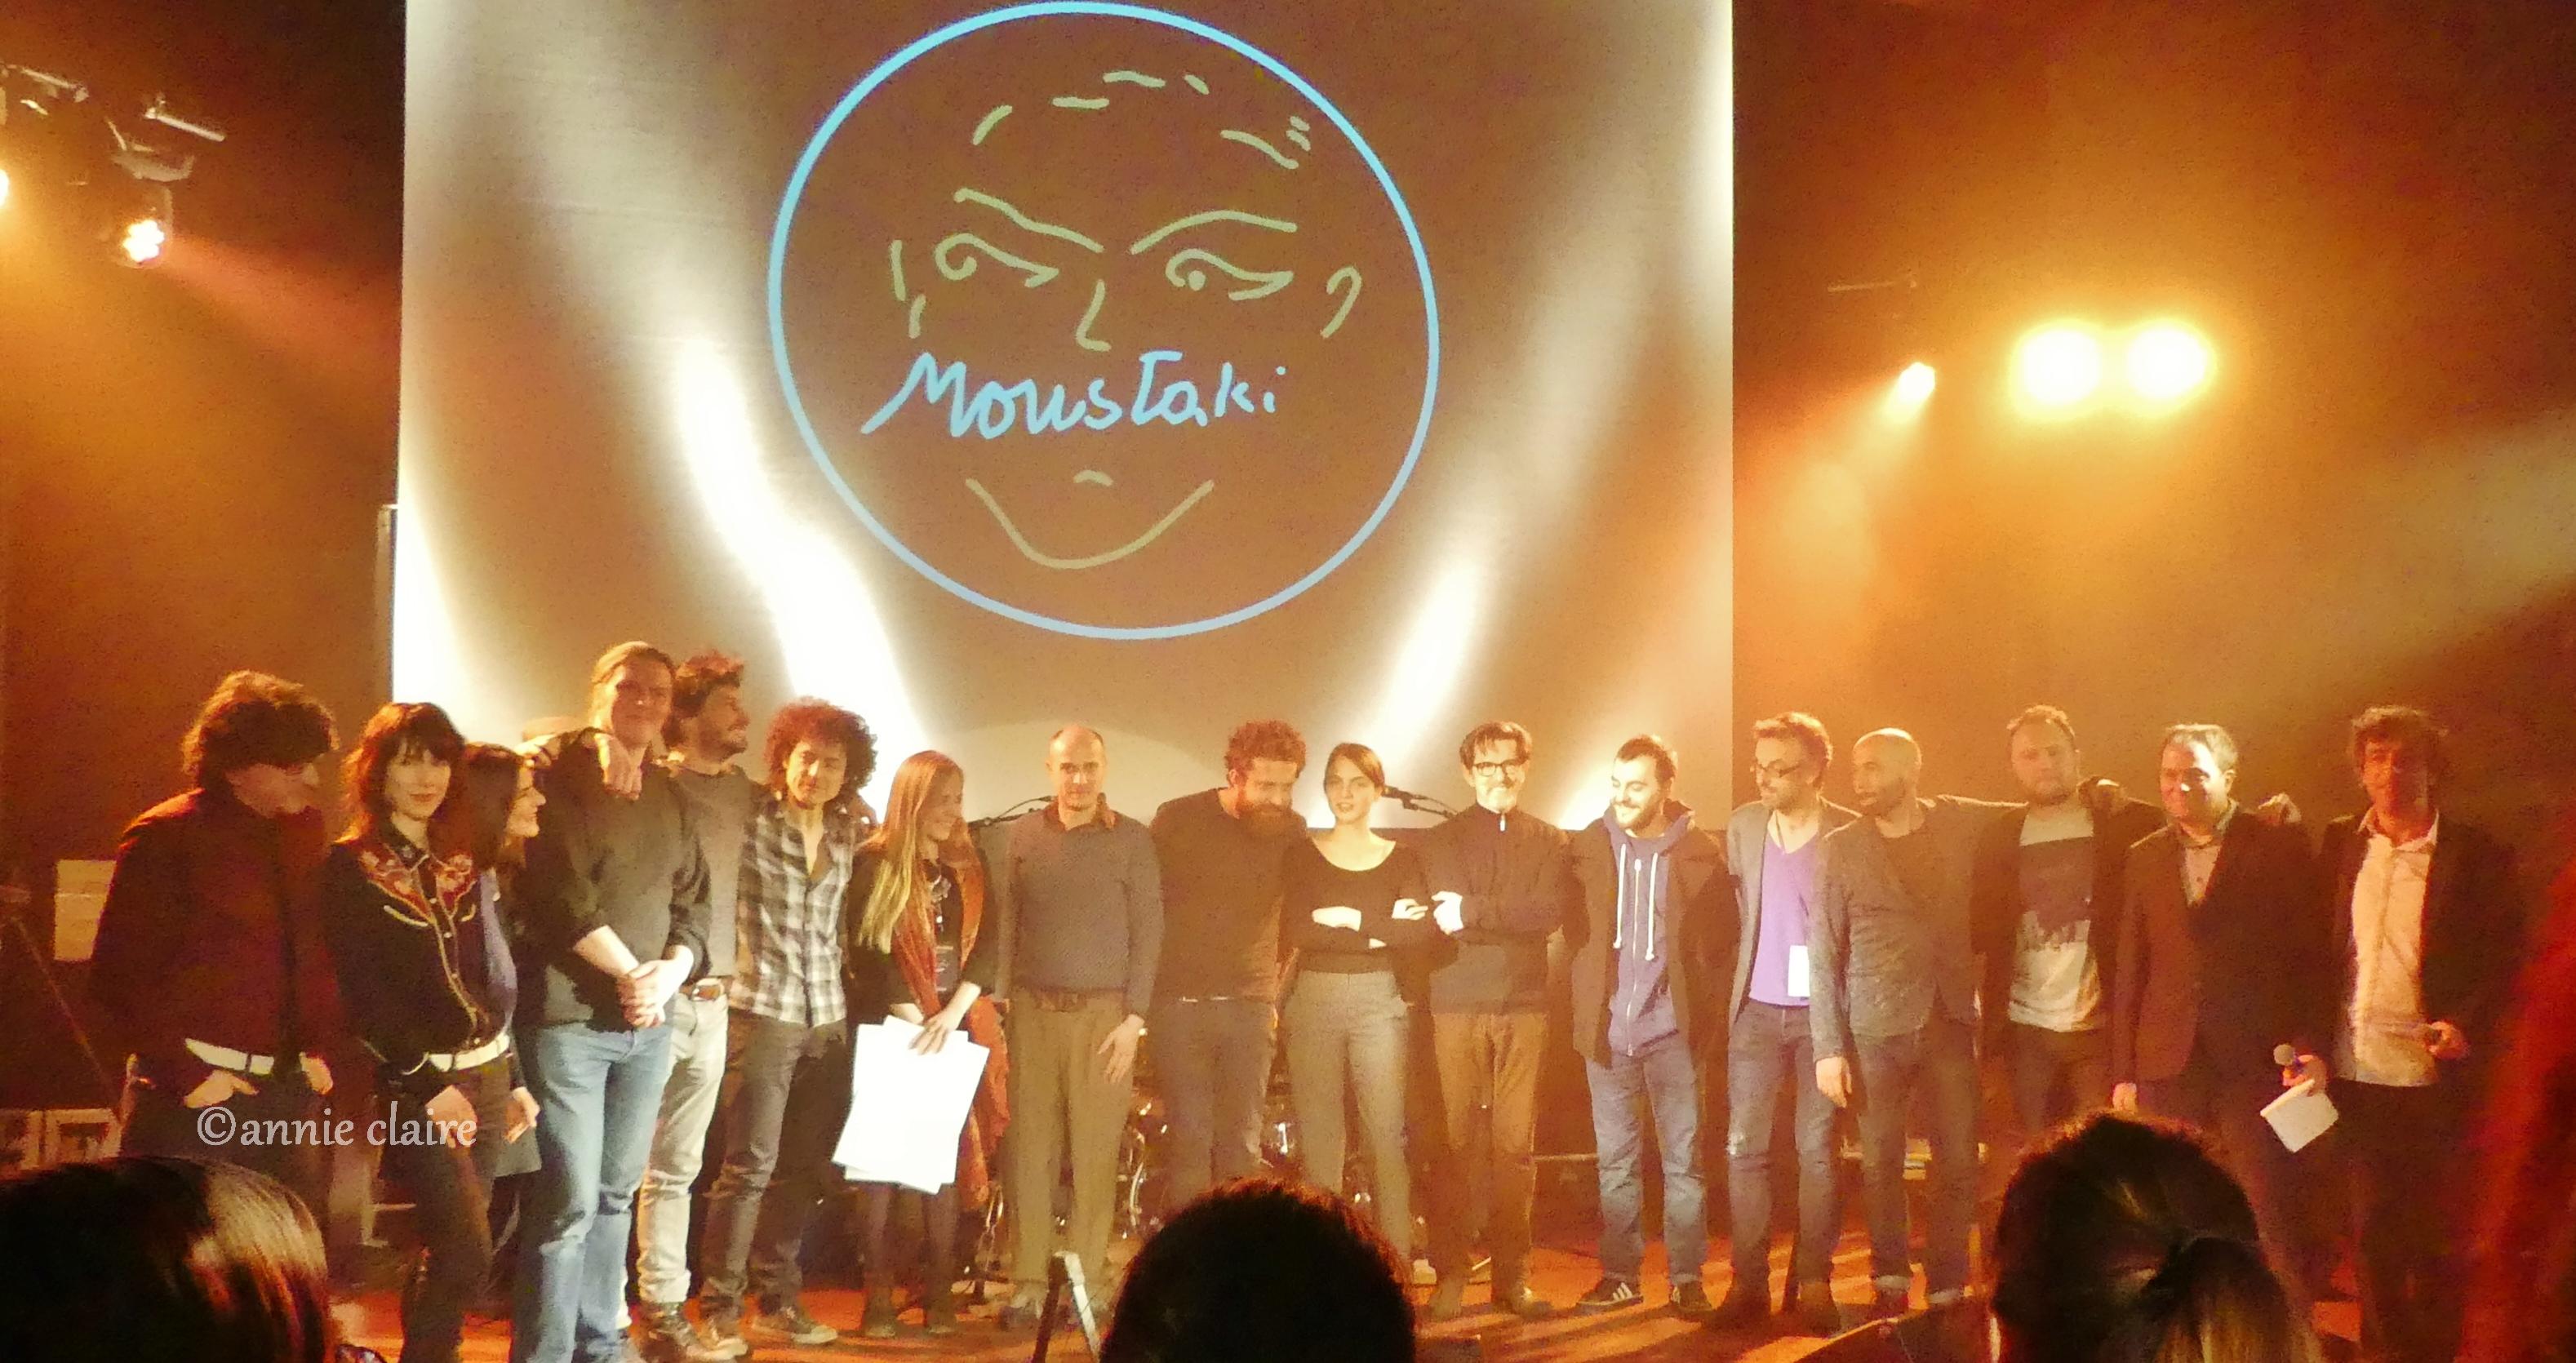 Prix Moustaki 2016 Photo ©annie claire